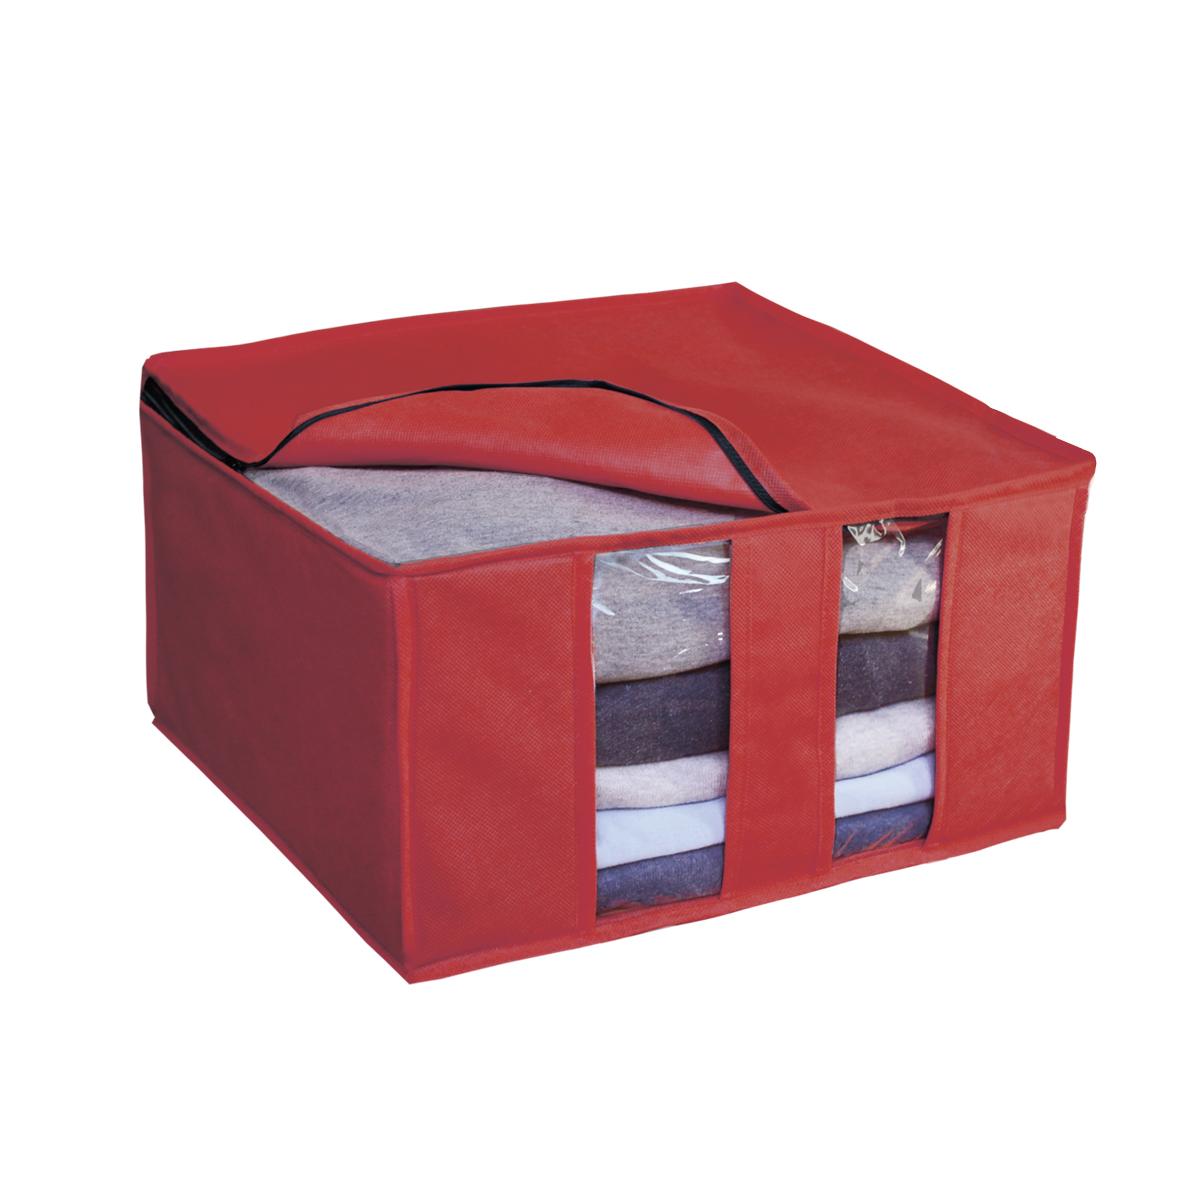 Кофр для хранения Miolla, складной, цвет: бордовый, 40 х 40 х 25 см чехол для samsung galaxy note printio кошки фэнтези